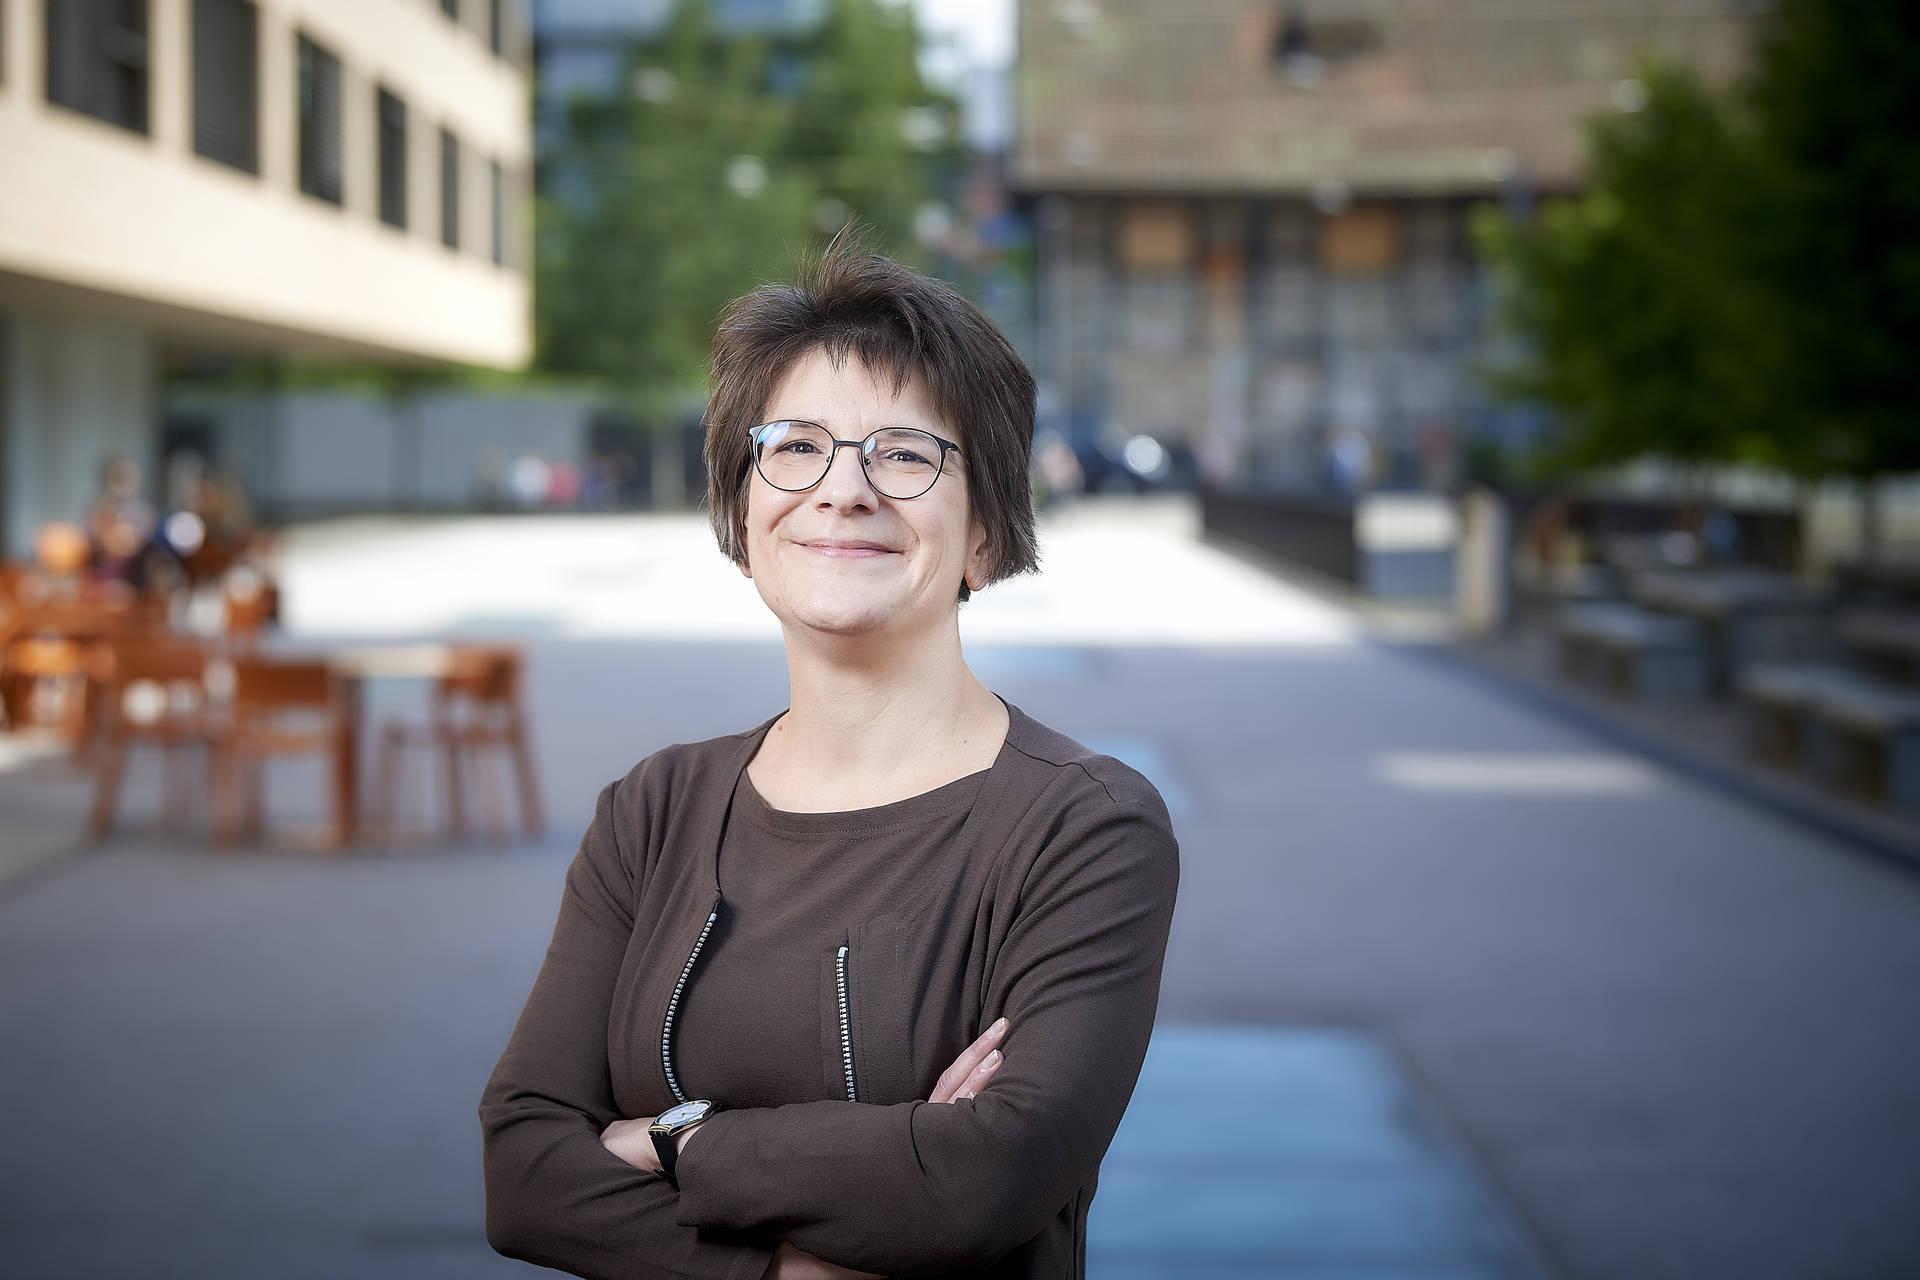 Andrea Schweizer ist die Leiterin des Instituts Sekundarstufe I und verantwortet das hochschulweite Programm zur Individualisierung und Flexibilisierung des Studiums und der Weiterbildung an der PHBern.